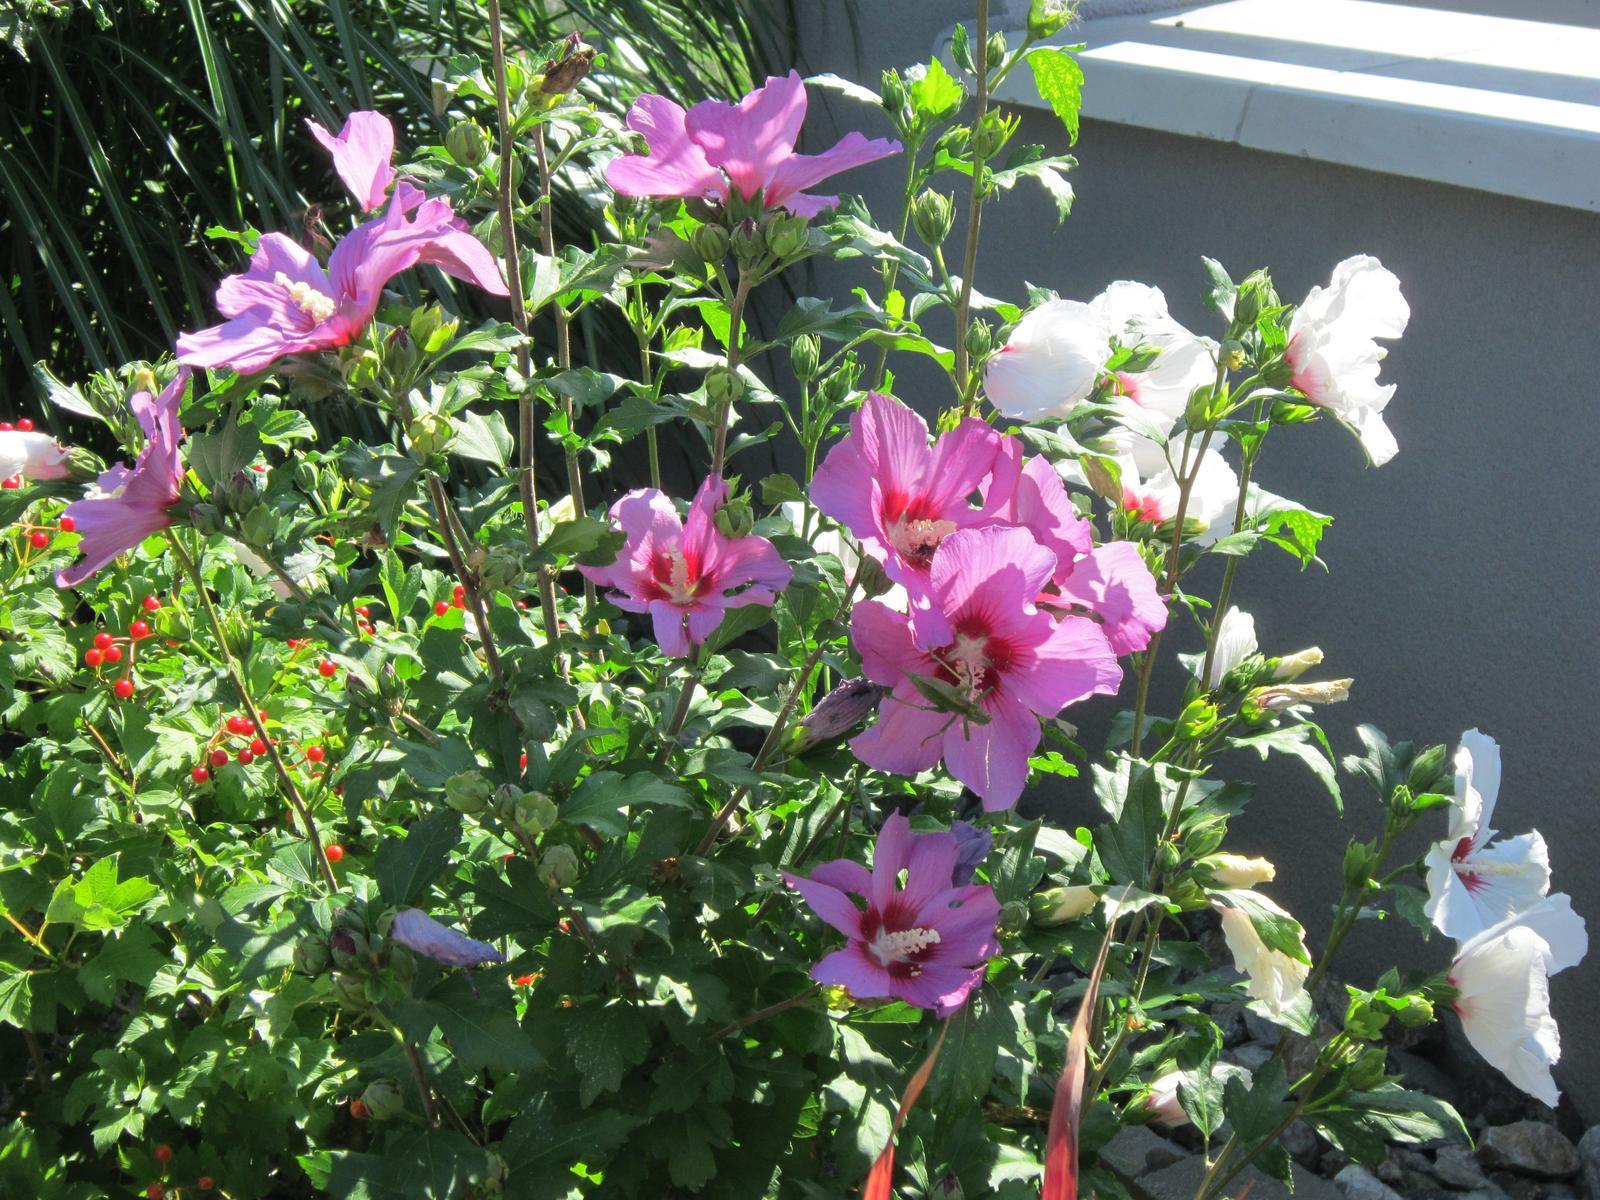 Moja záhrada...ako šiel čas - Dvojfarebný ibištek rozžiari každý kút záhrady...